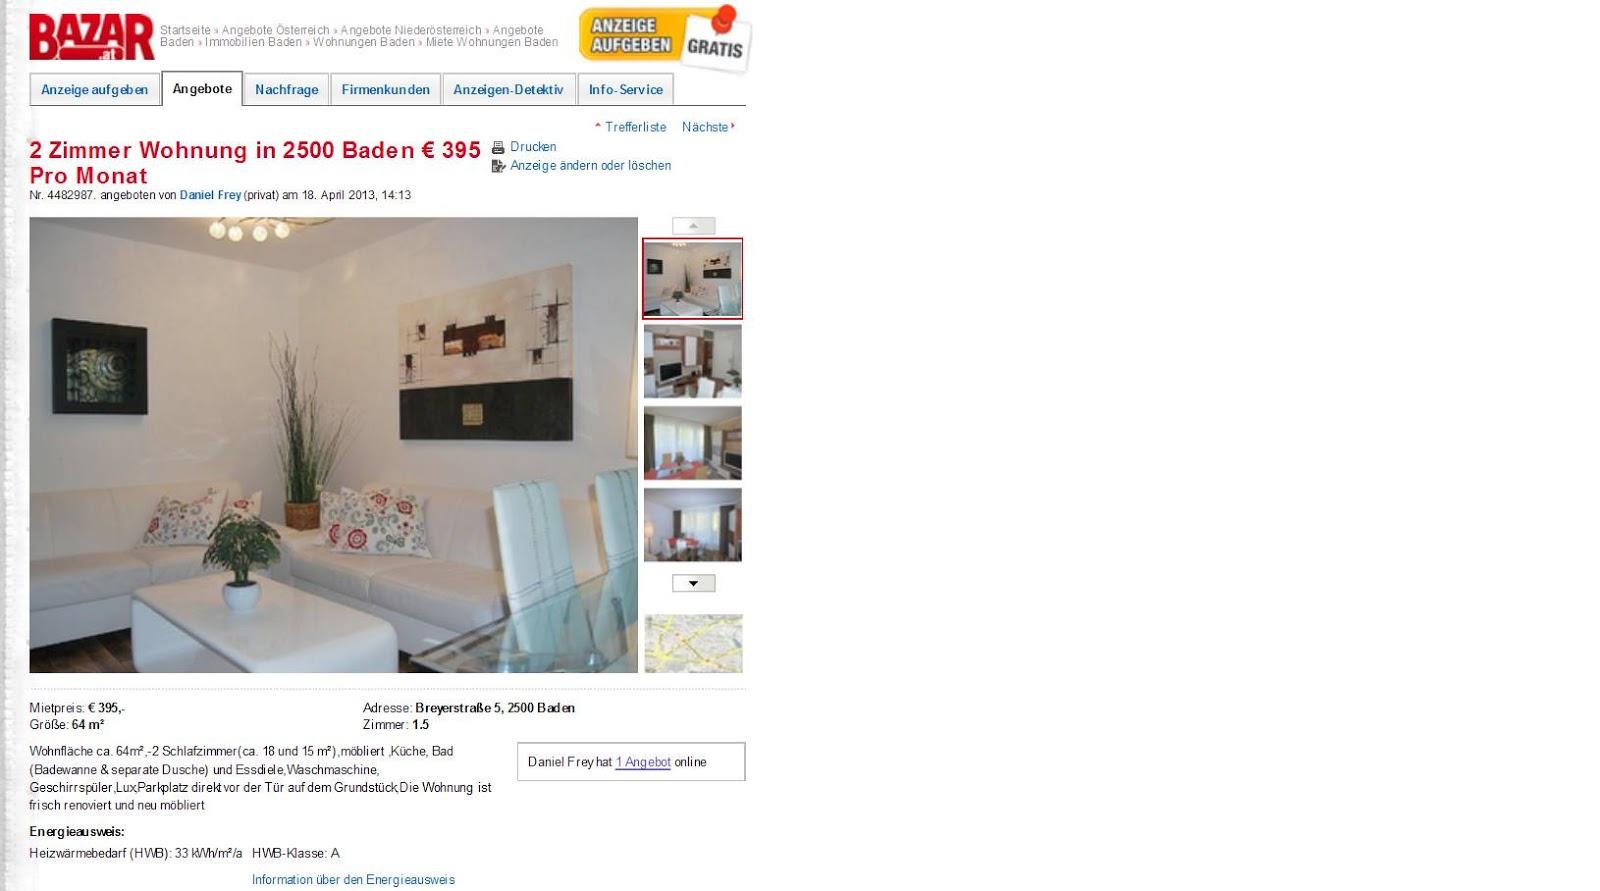 wohnungsbetrug.blogspot.com: 2 Zimmer Wohnung in 2500 ...